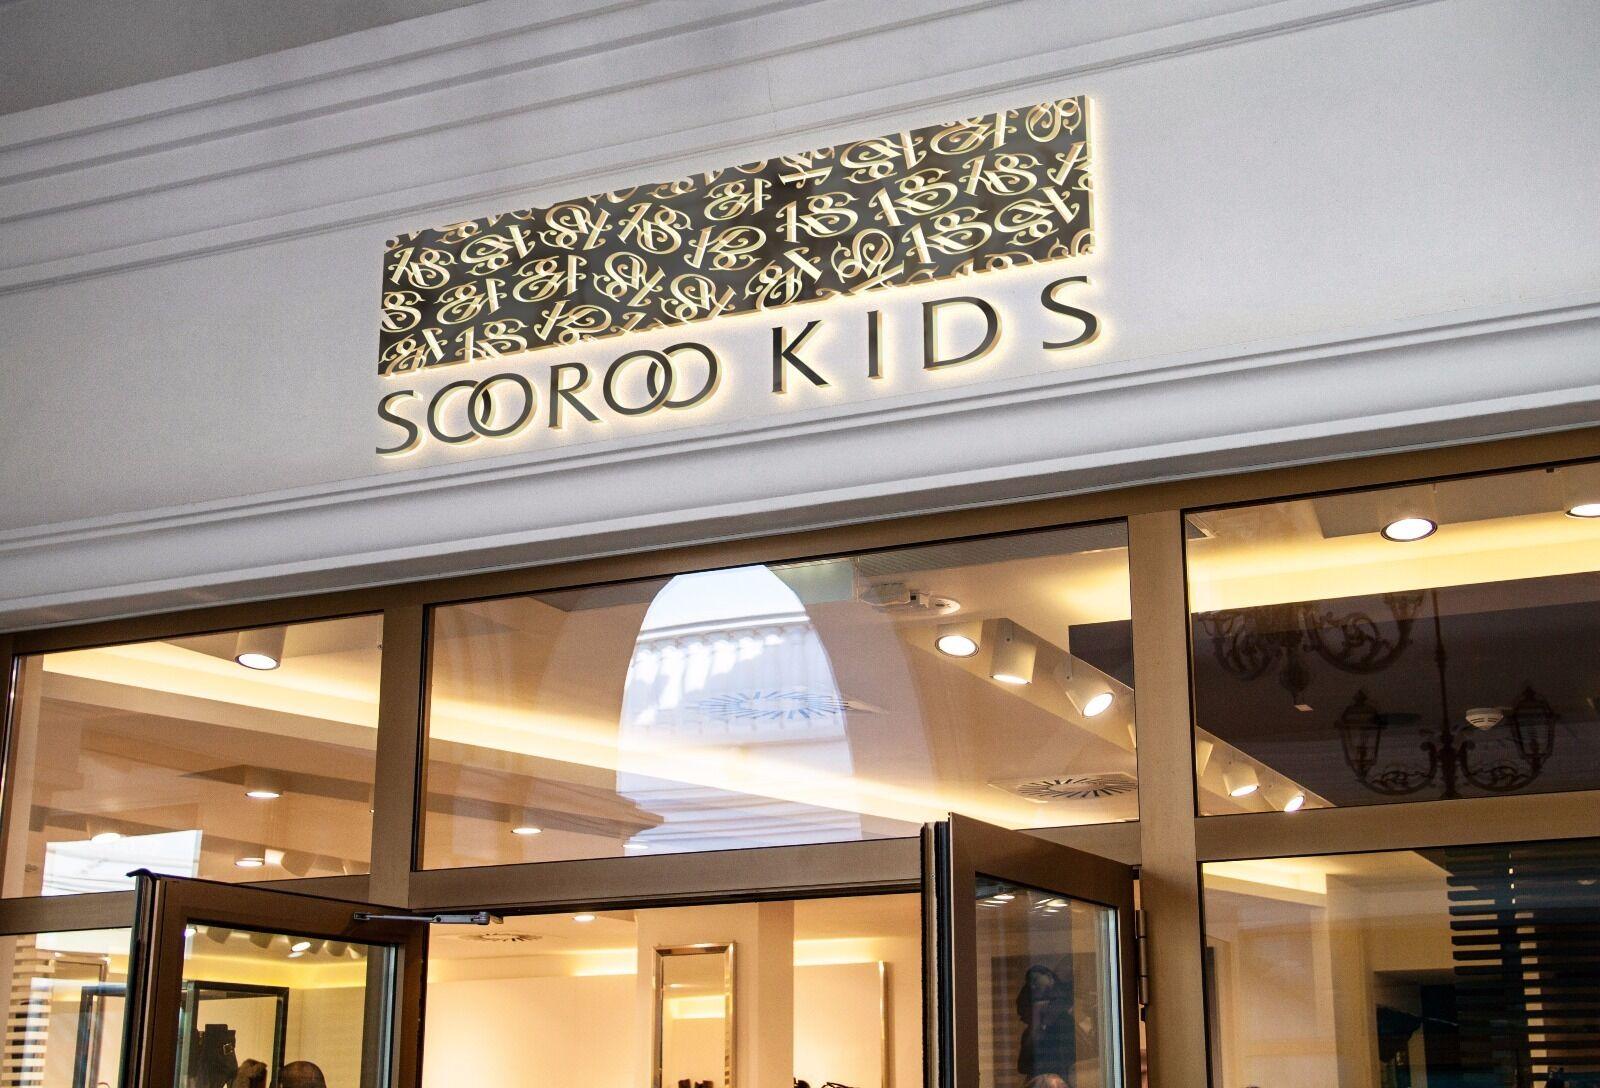 SooRoo Kids